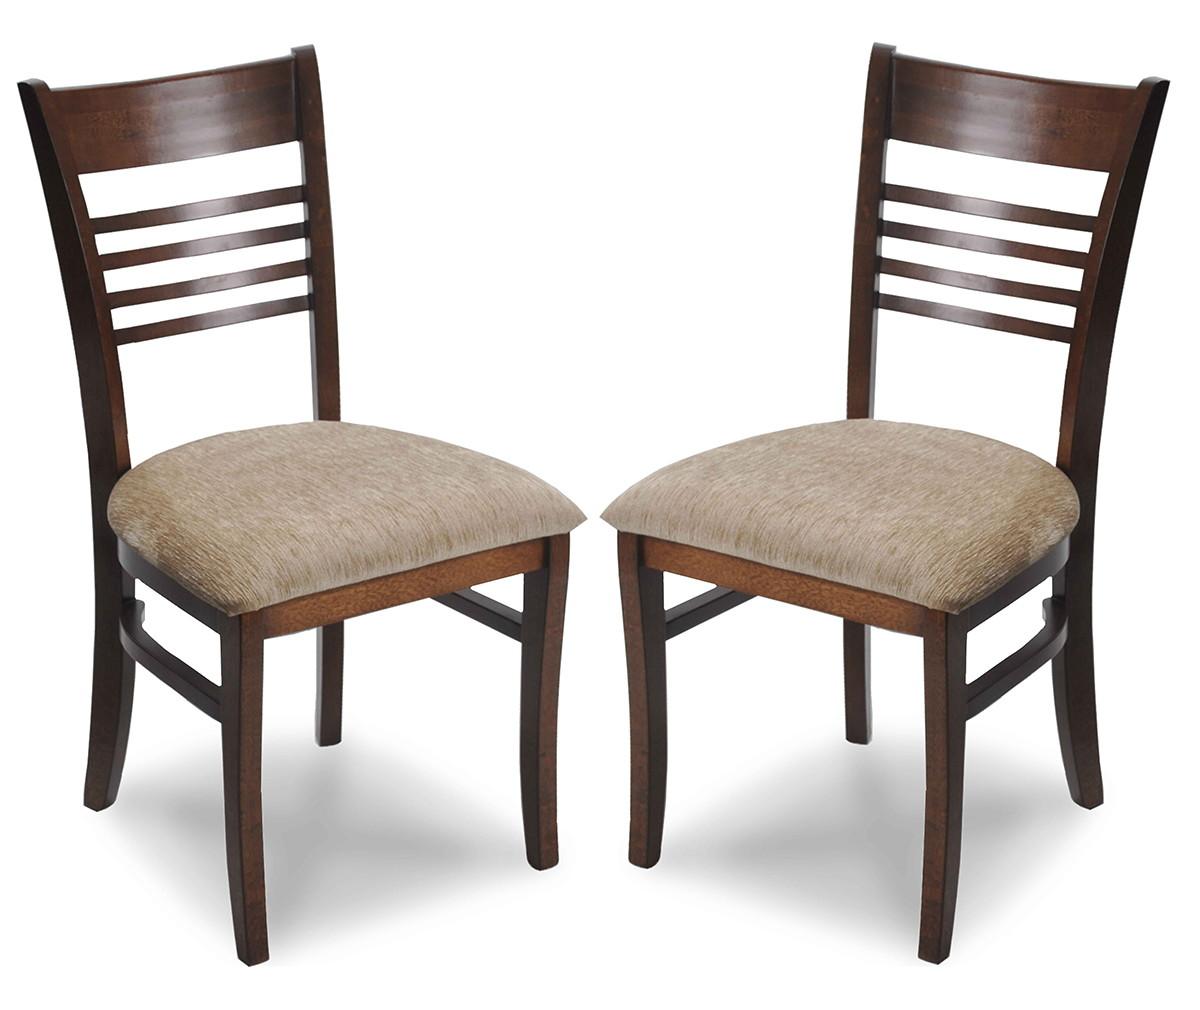 conjunto 2 cadeiras estofadas cadeirademadeira conjunto 2 cadeiras  #664738 1200x1010